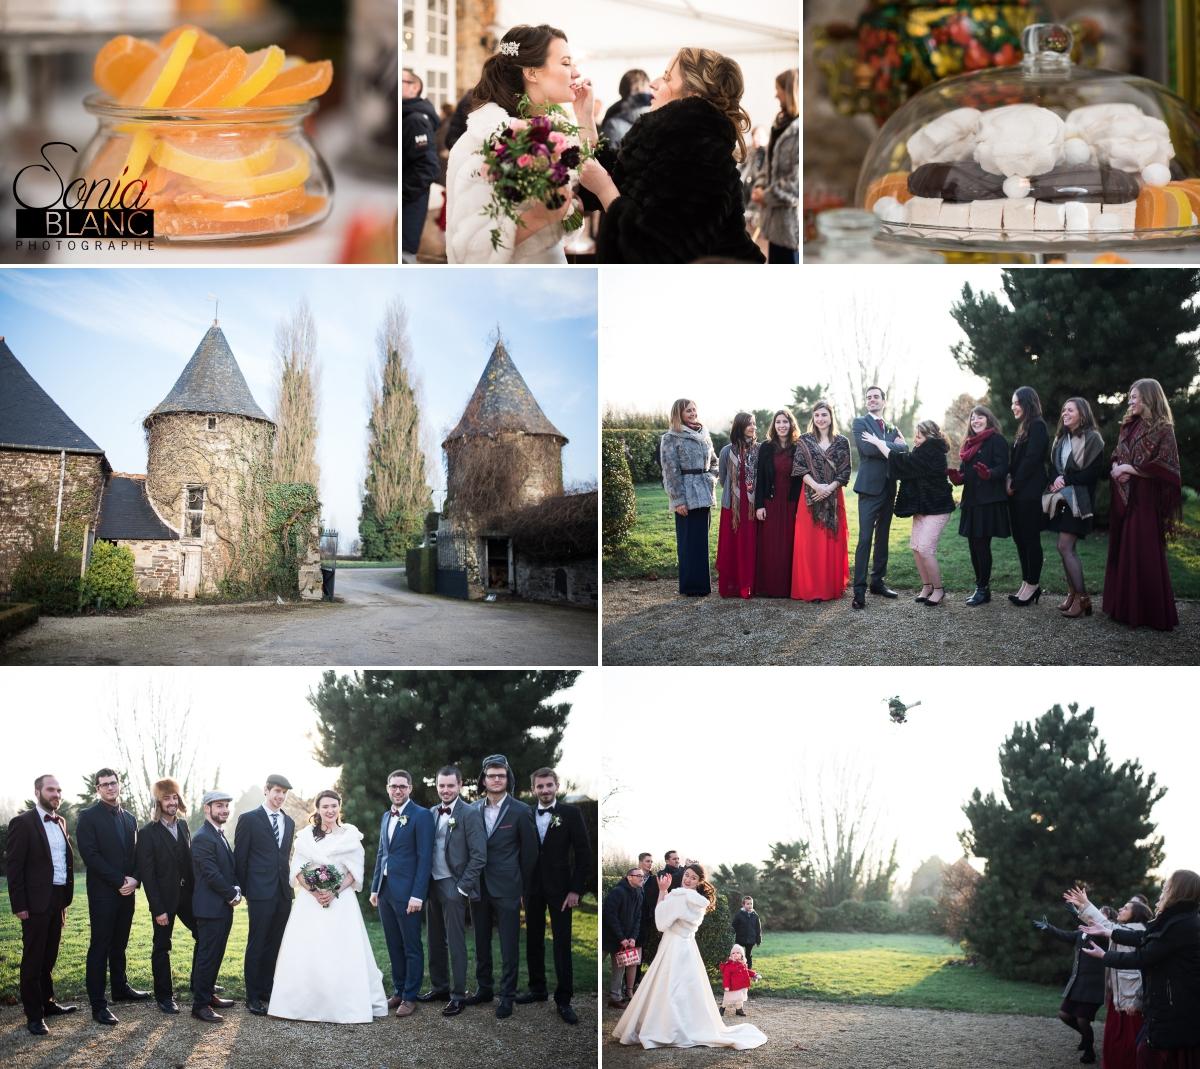 94 - vin d honneur - mariage à rennes - Bretagne - manoir de la begaudiere - sonia blanc photographe